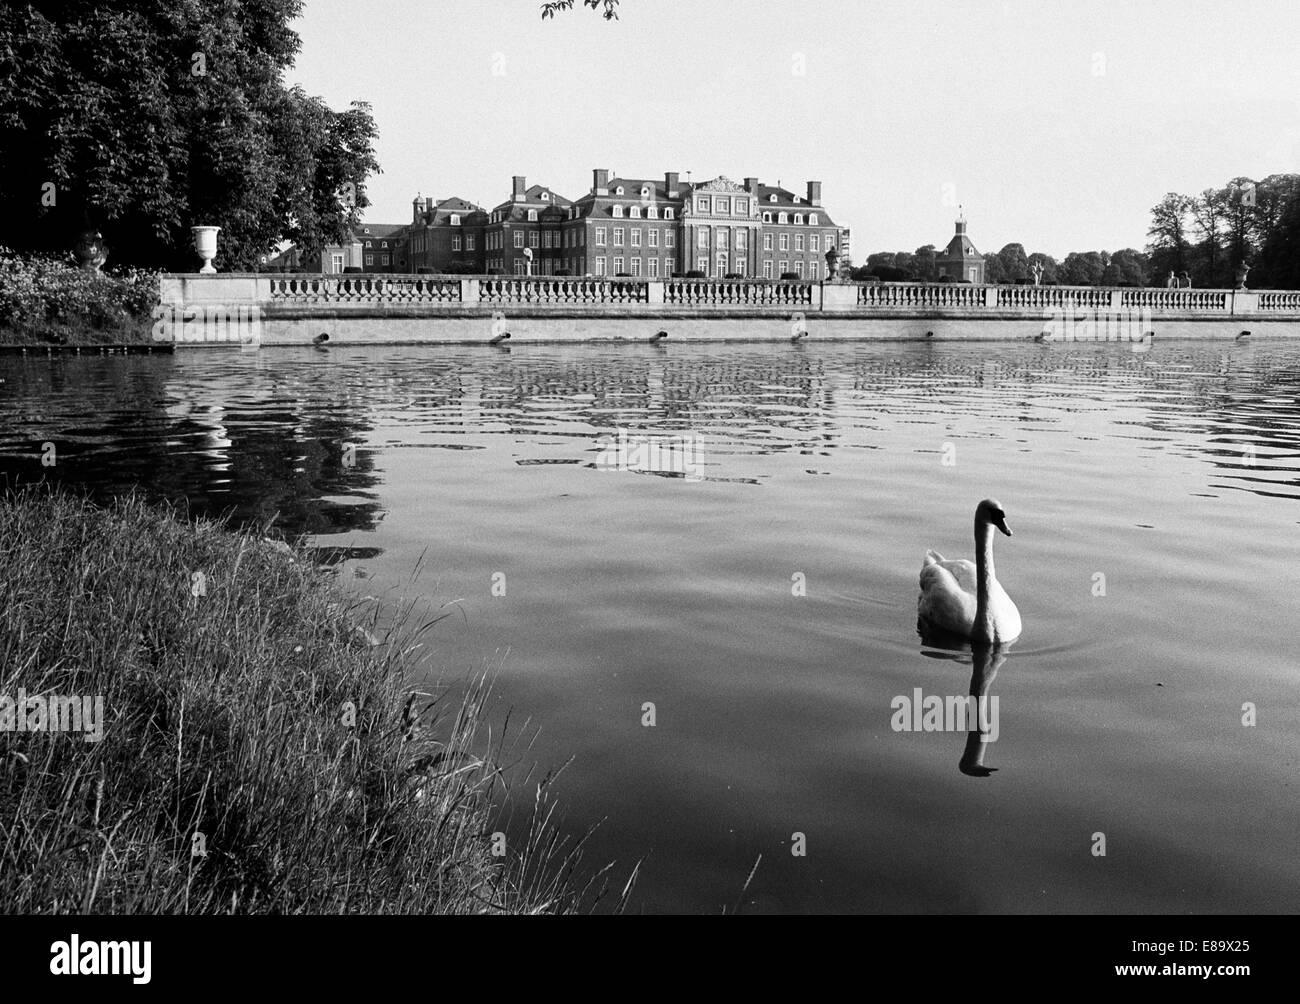 Achtziger Jahre, Wasserschloss in Nordkirchen, Muensterland, Nordrhein-Westfalen - Stock Image